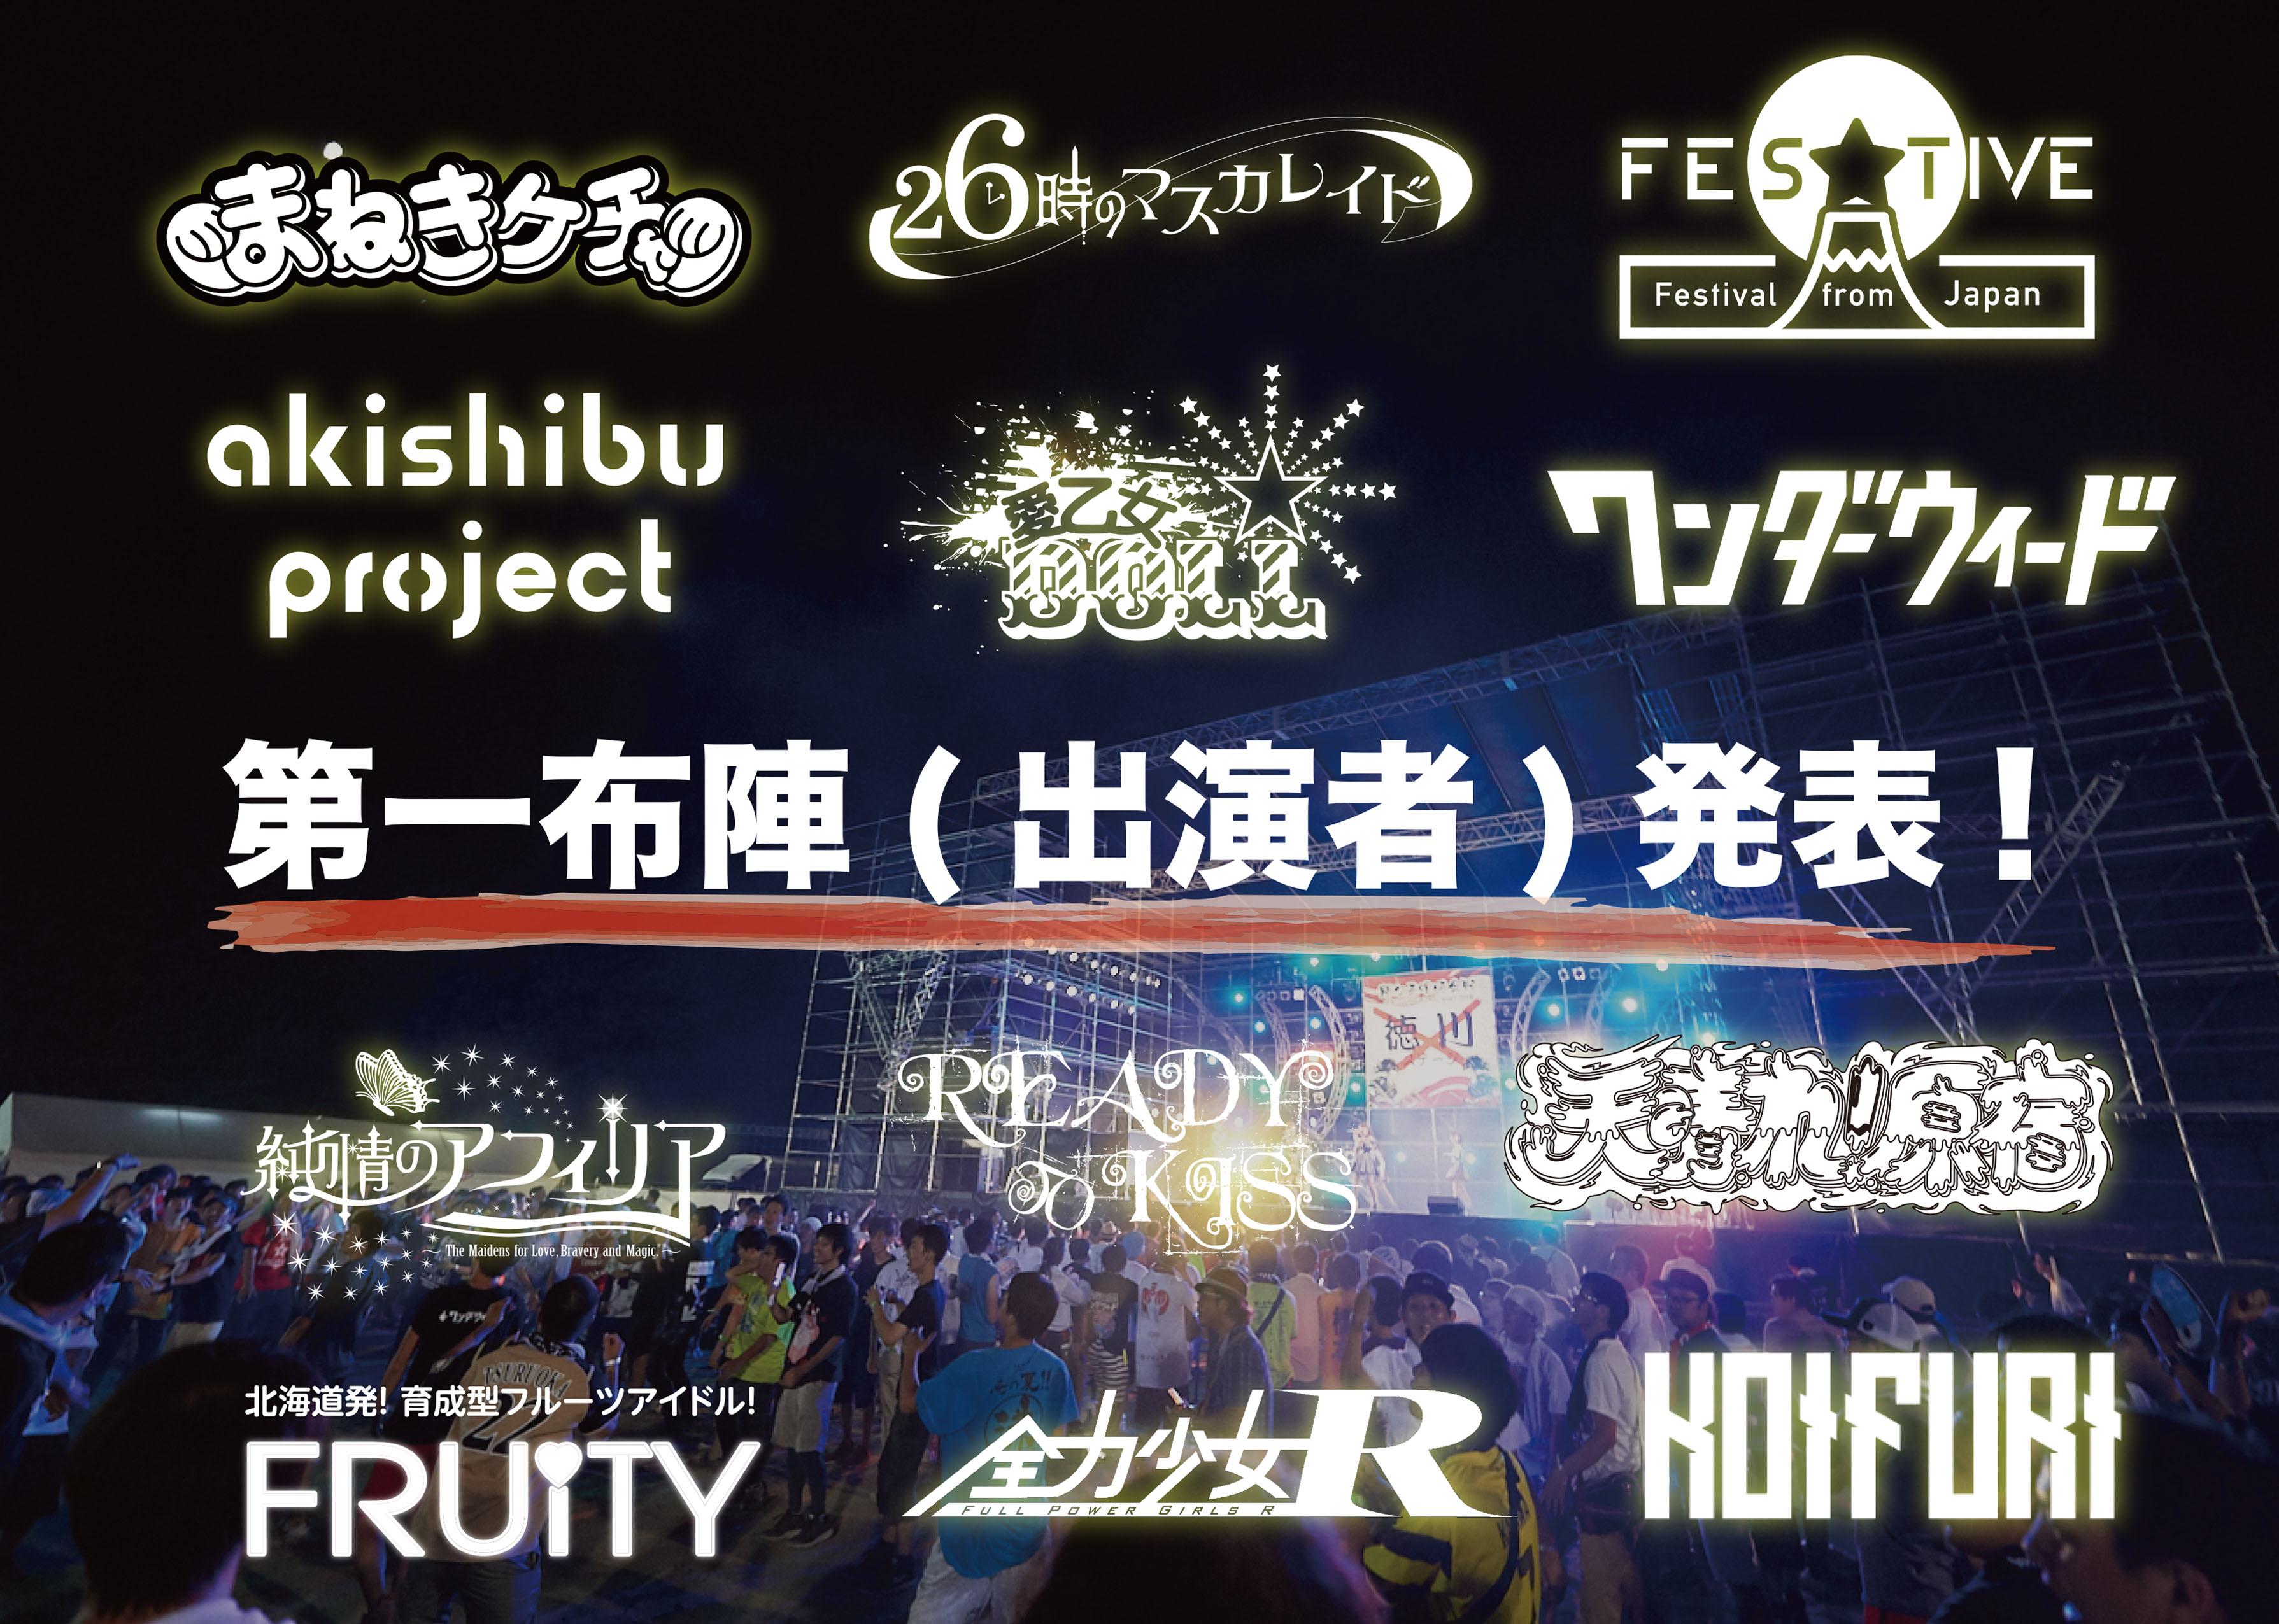 関ケ原唄姫合戦logoPOP